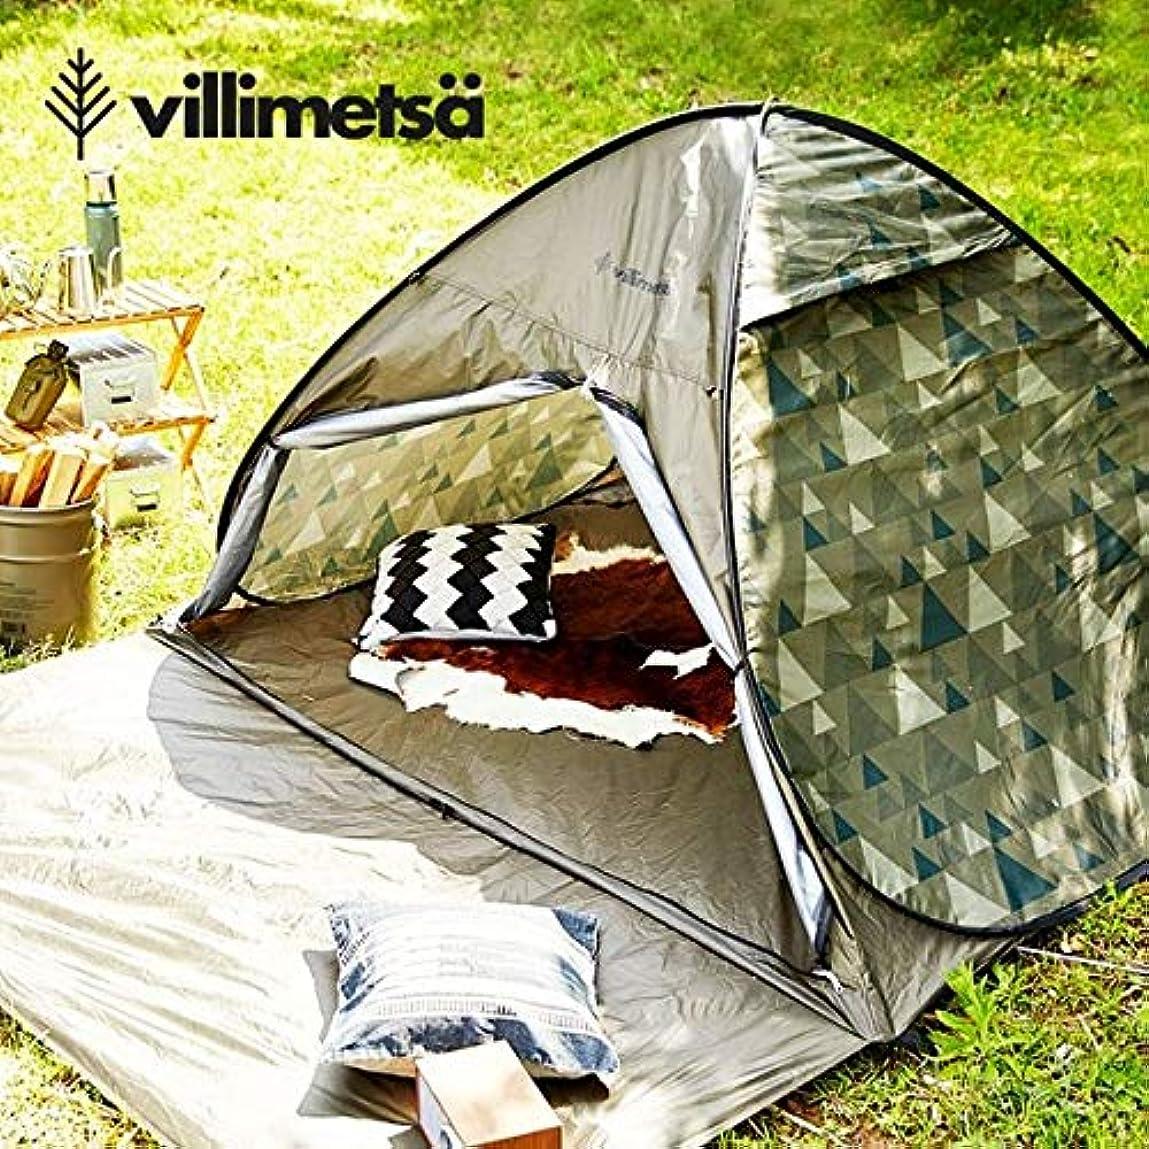 ドラッグ工業化する決めますポップアップテント ワンタッチテント おしゃれ 幅200cm テント 日よけ 簡易 アウトドア キャンプ フェス 運動会 海